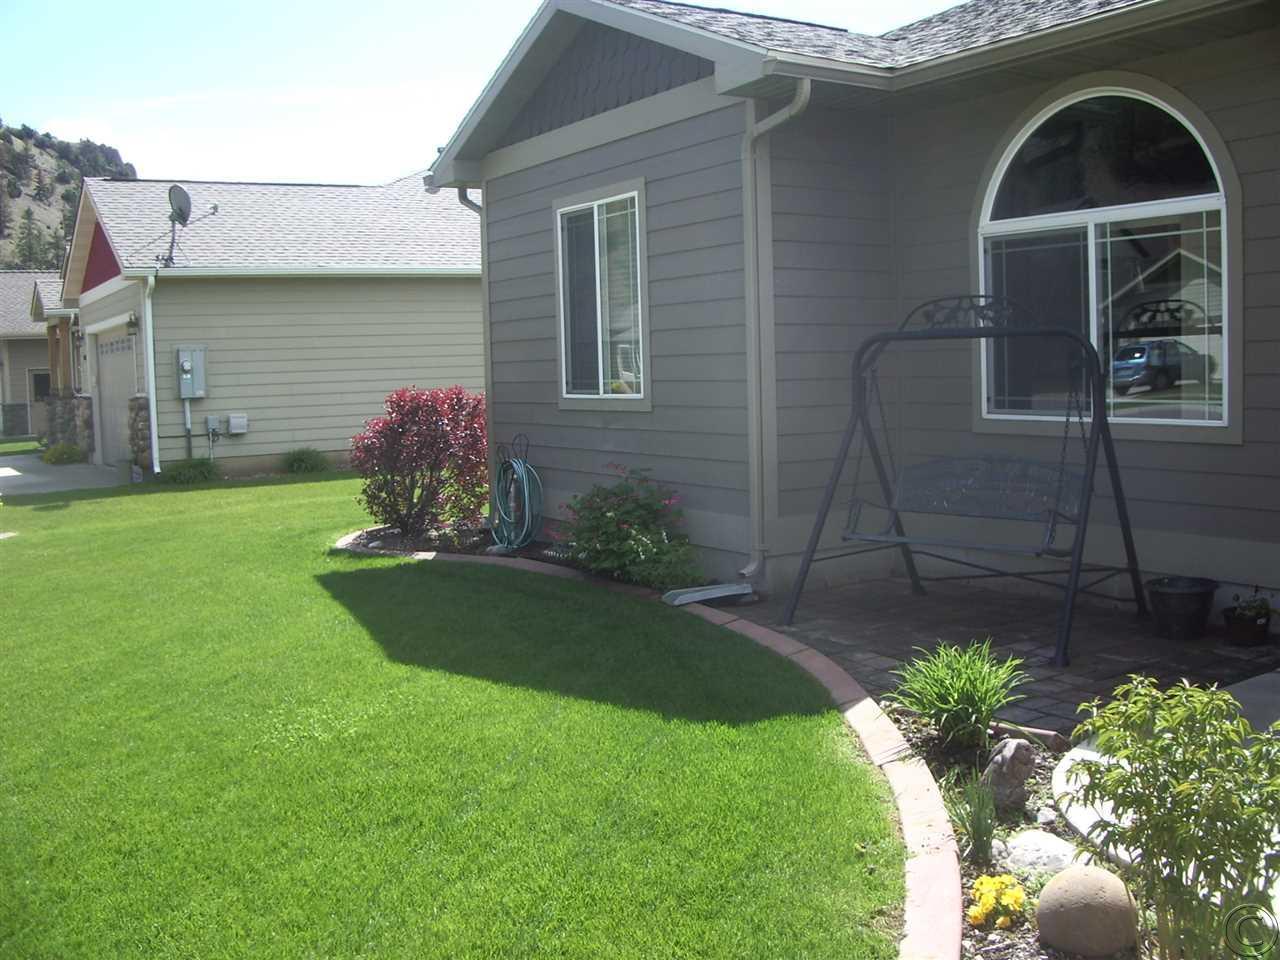 Real Estate for Sale, ListingId: 36898970, Lolo,MT59847